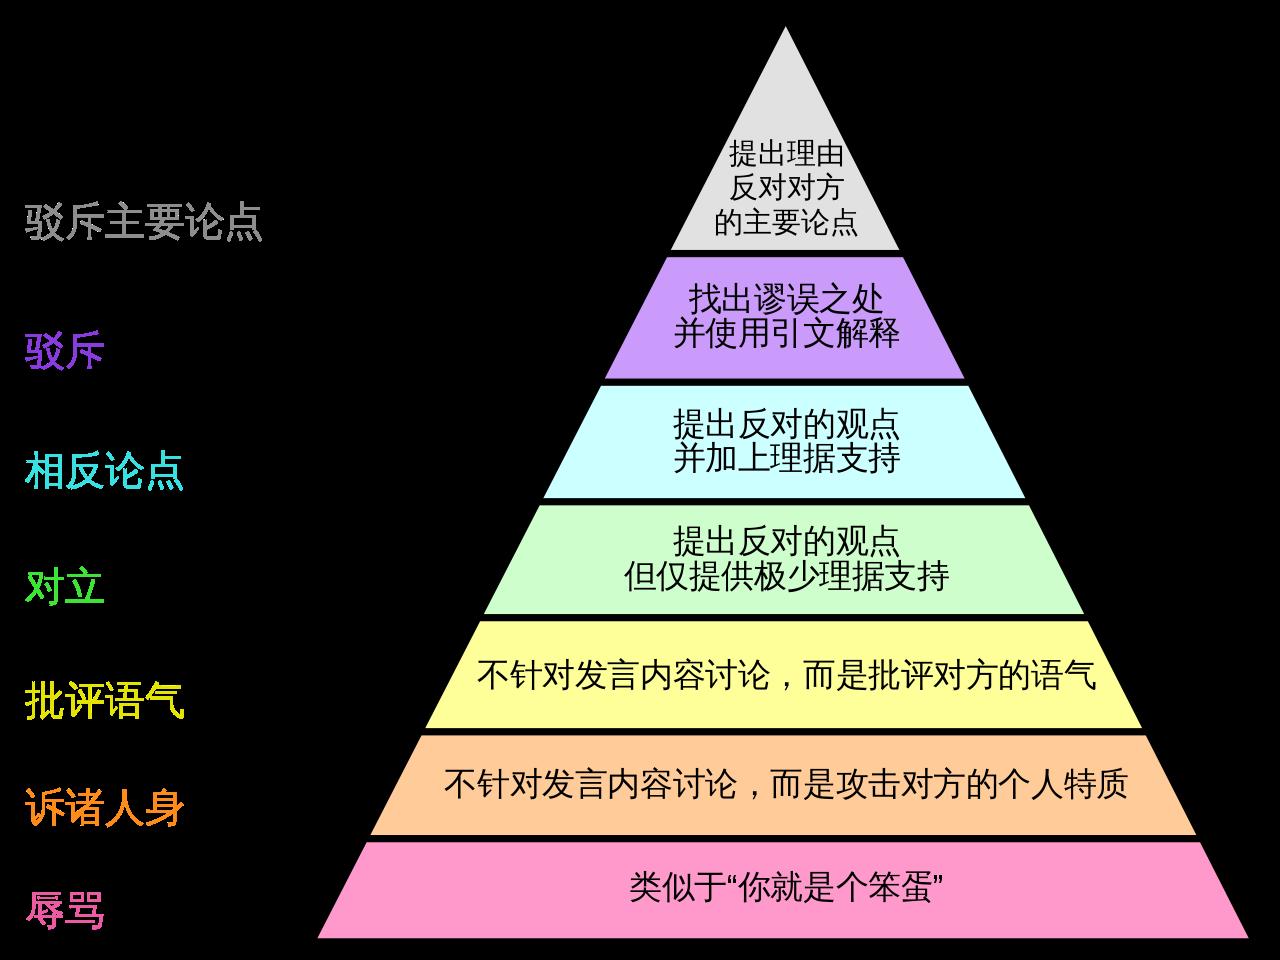 20190613-格雷厄姆的分歧等级-Graham's_Hierarchy_of_Disagreement-zh-hans.png